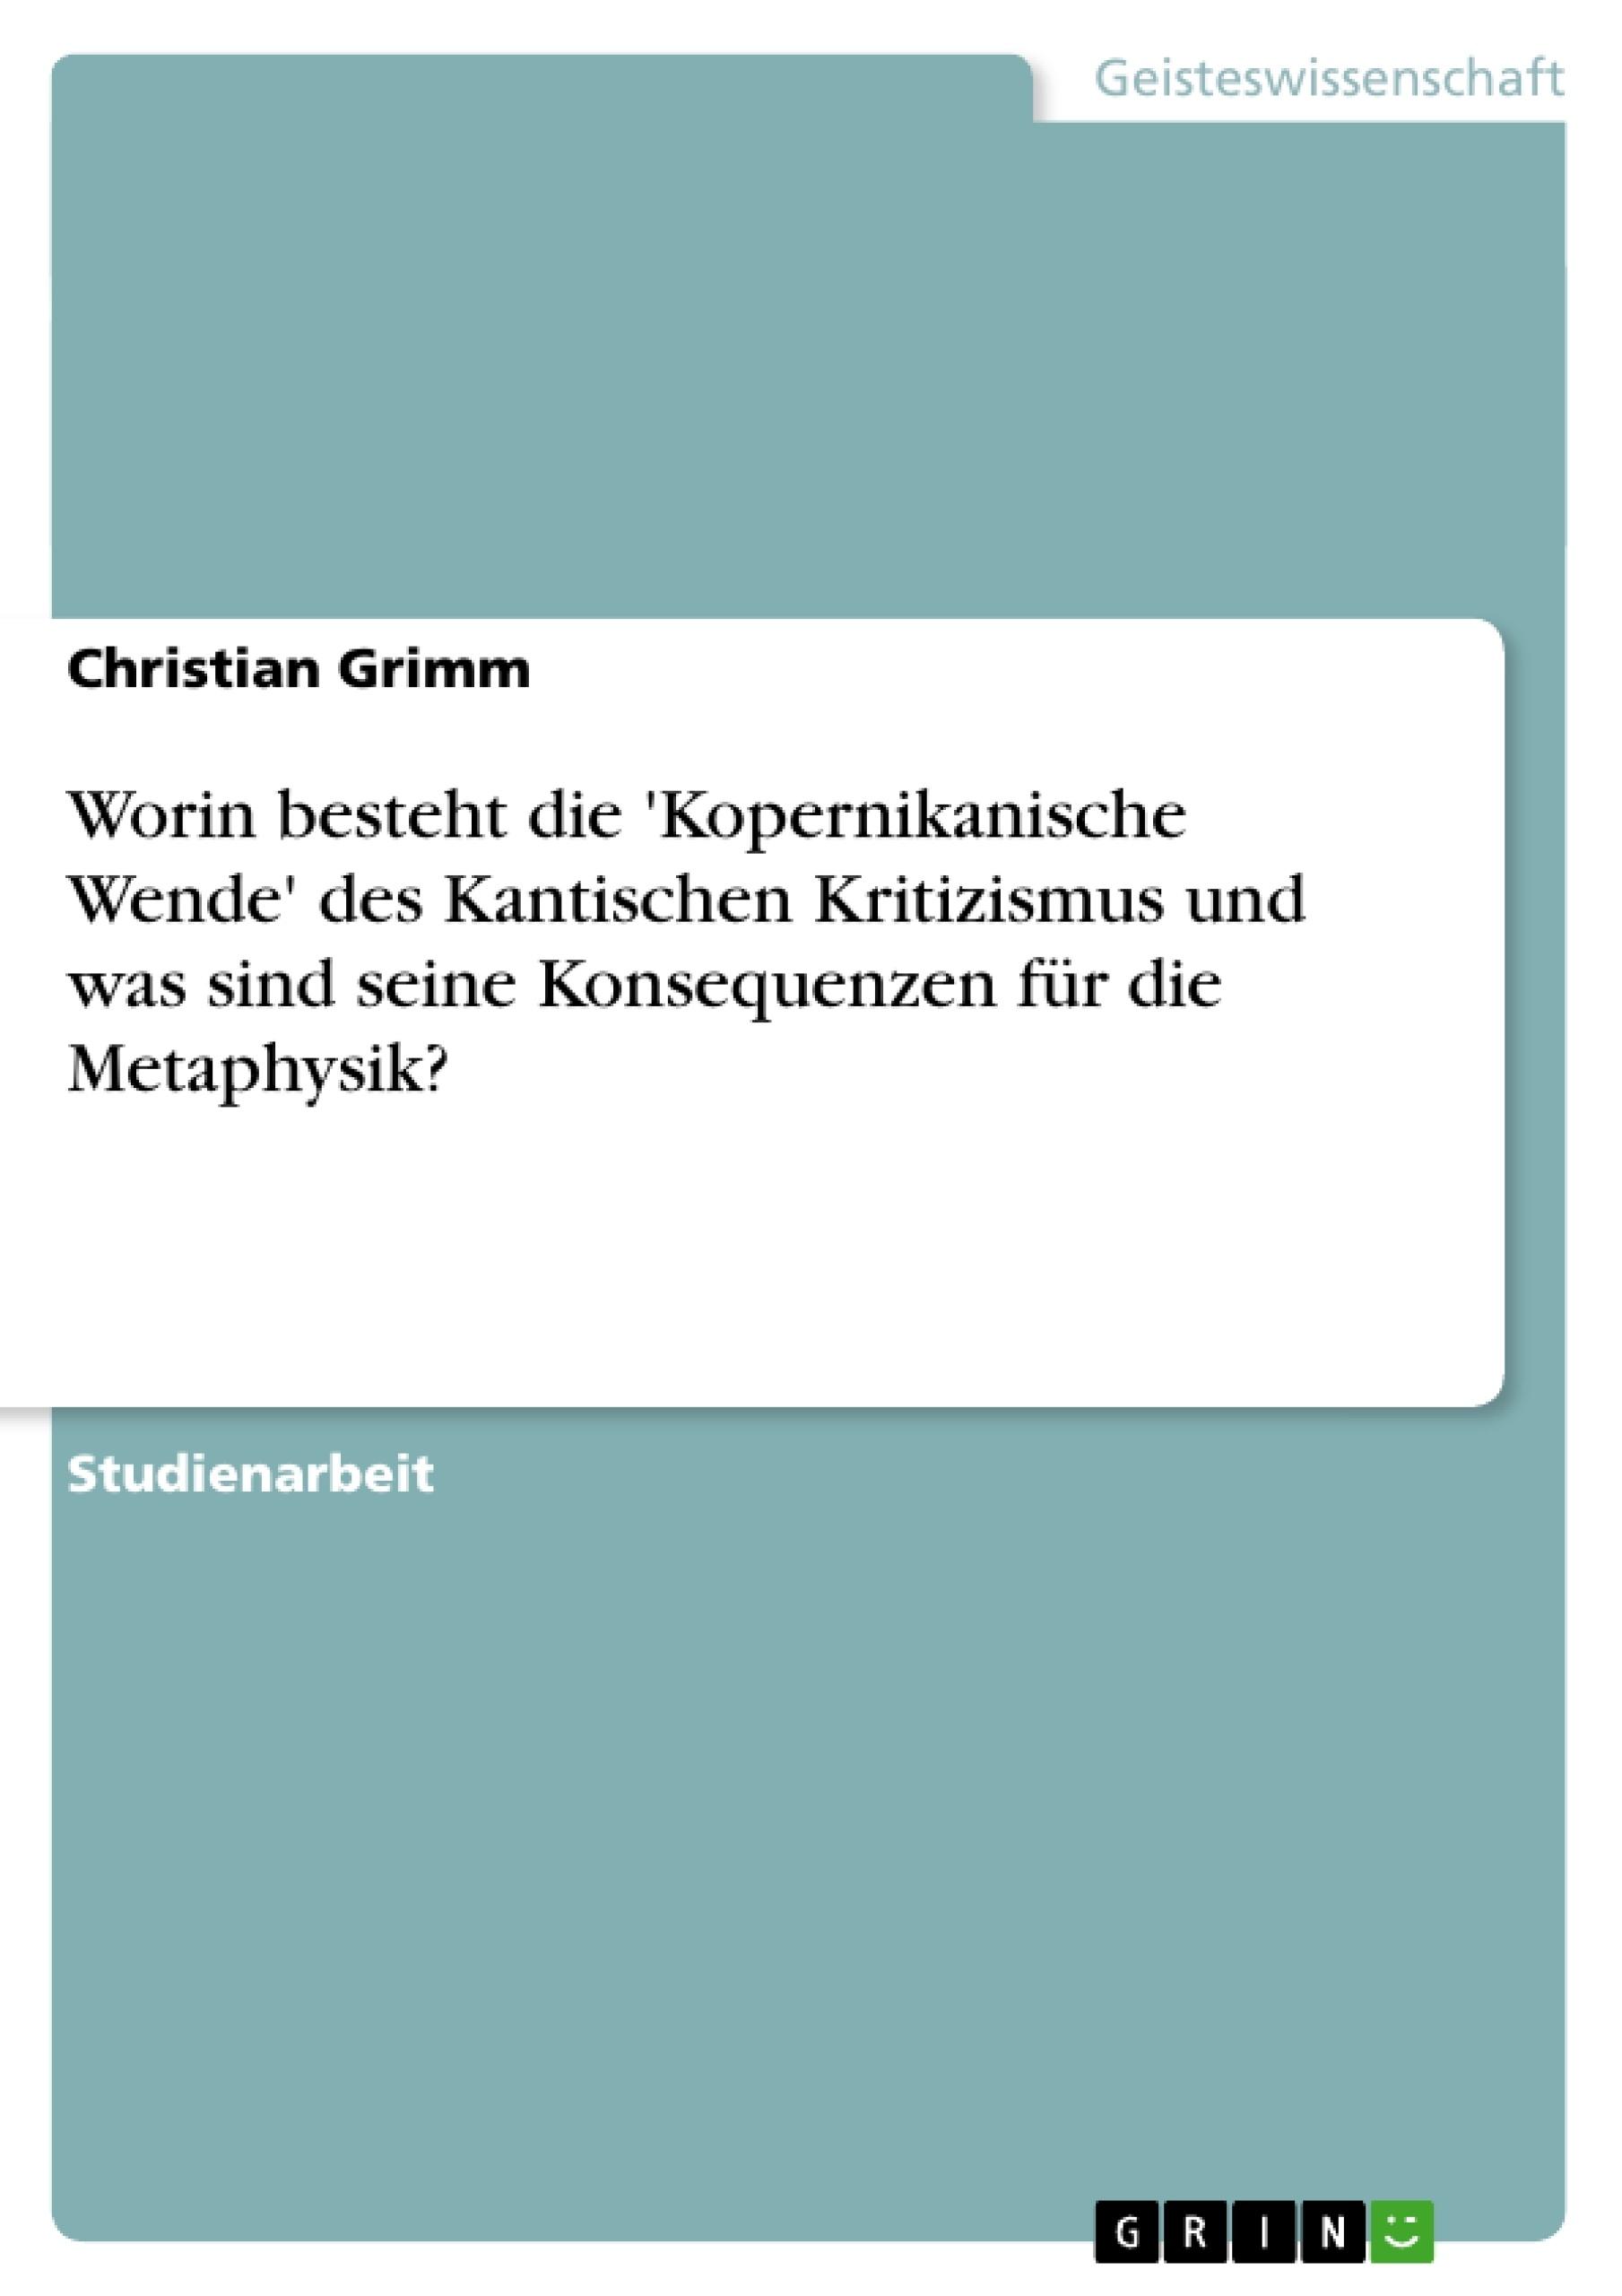 Titel: Worin besteht die 'Kopernikanische Wende' des Kantischen Kritizismus und was sind seine Konsequenzen für die Metaphysik?